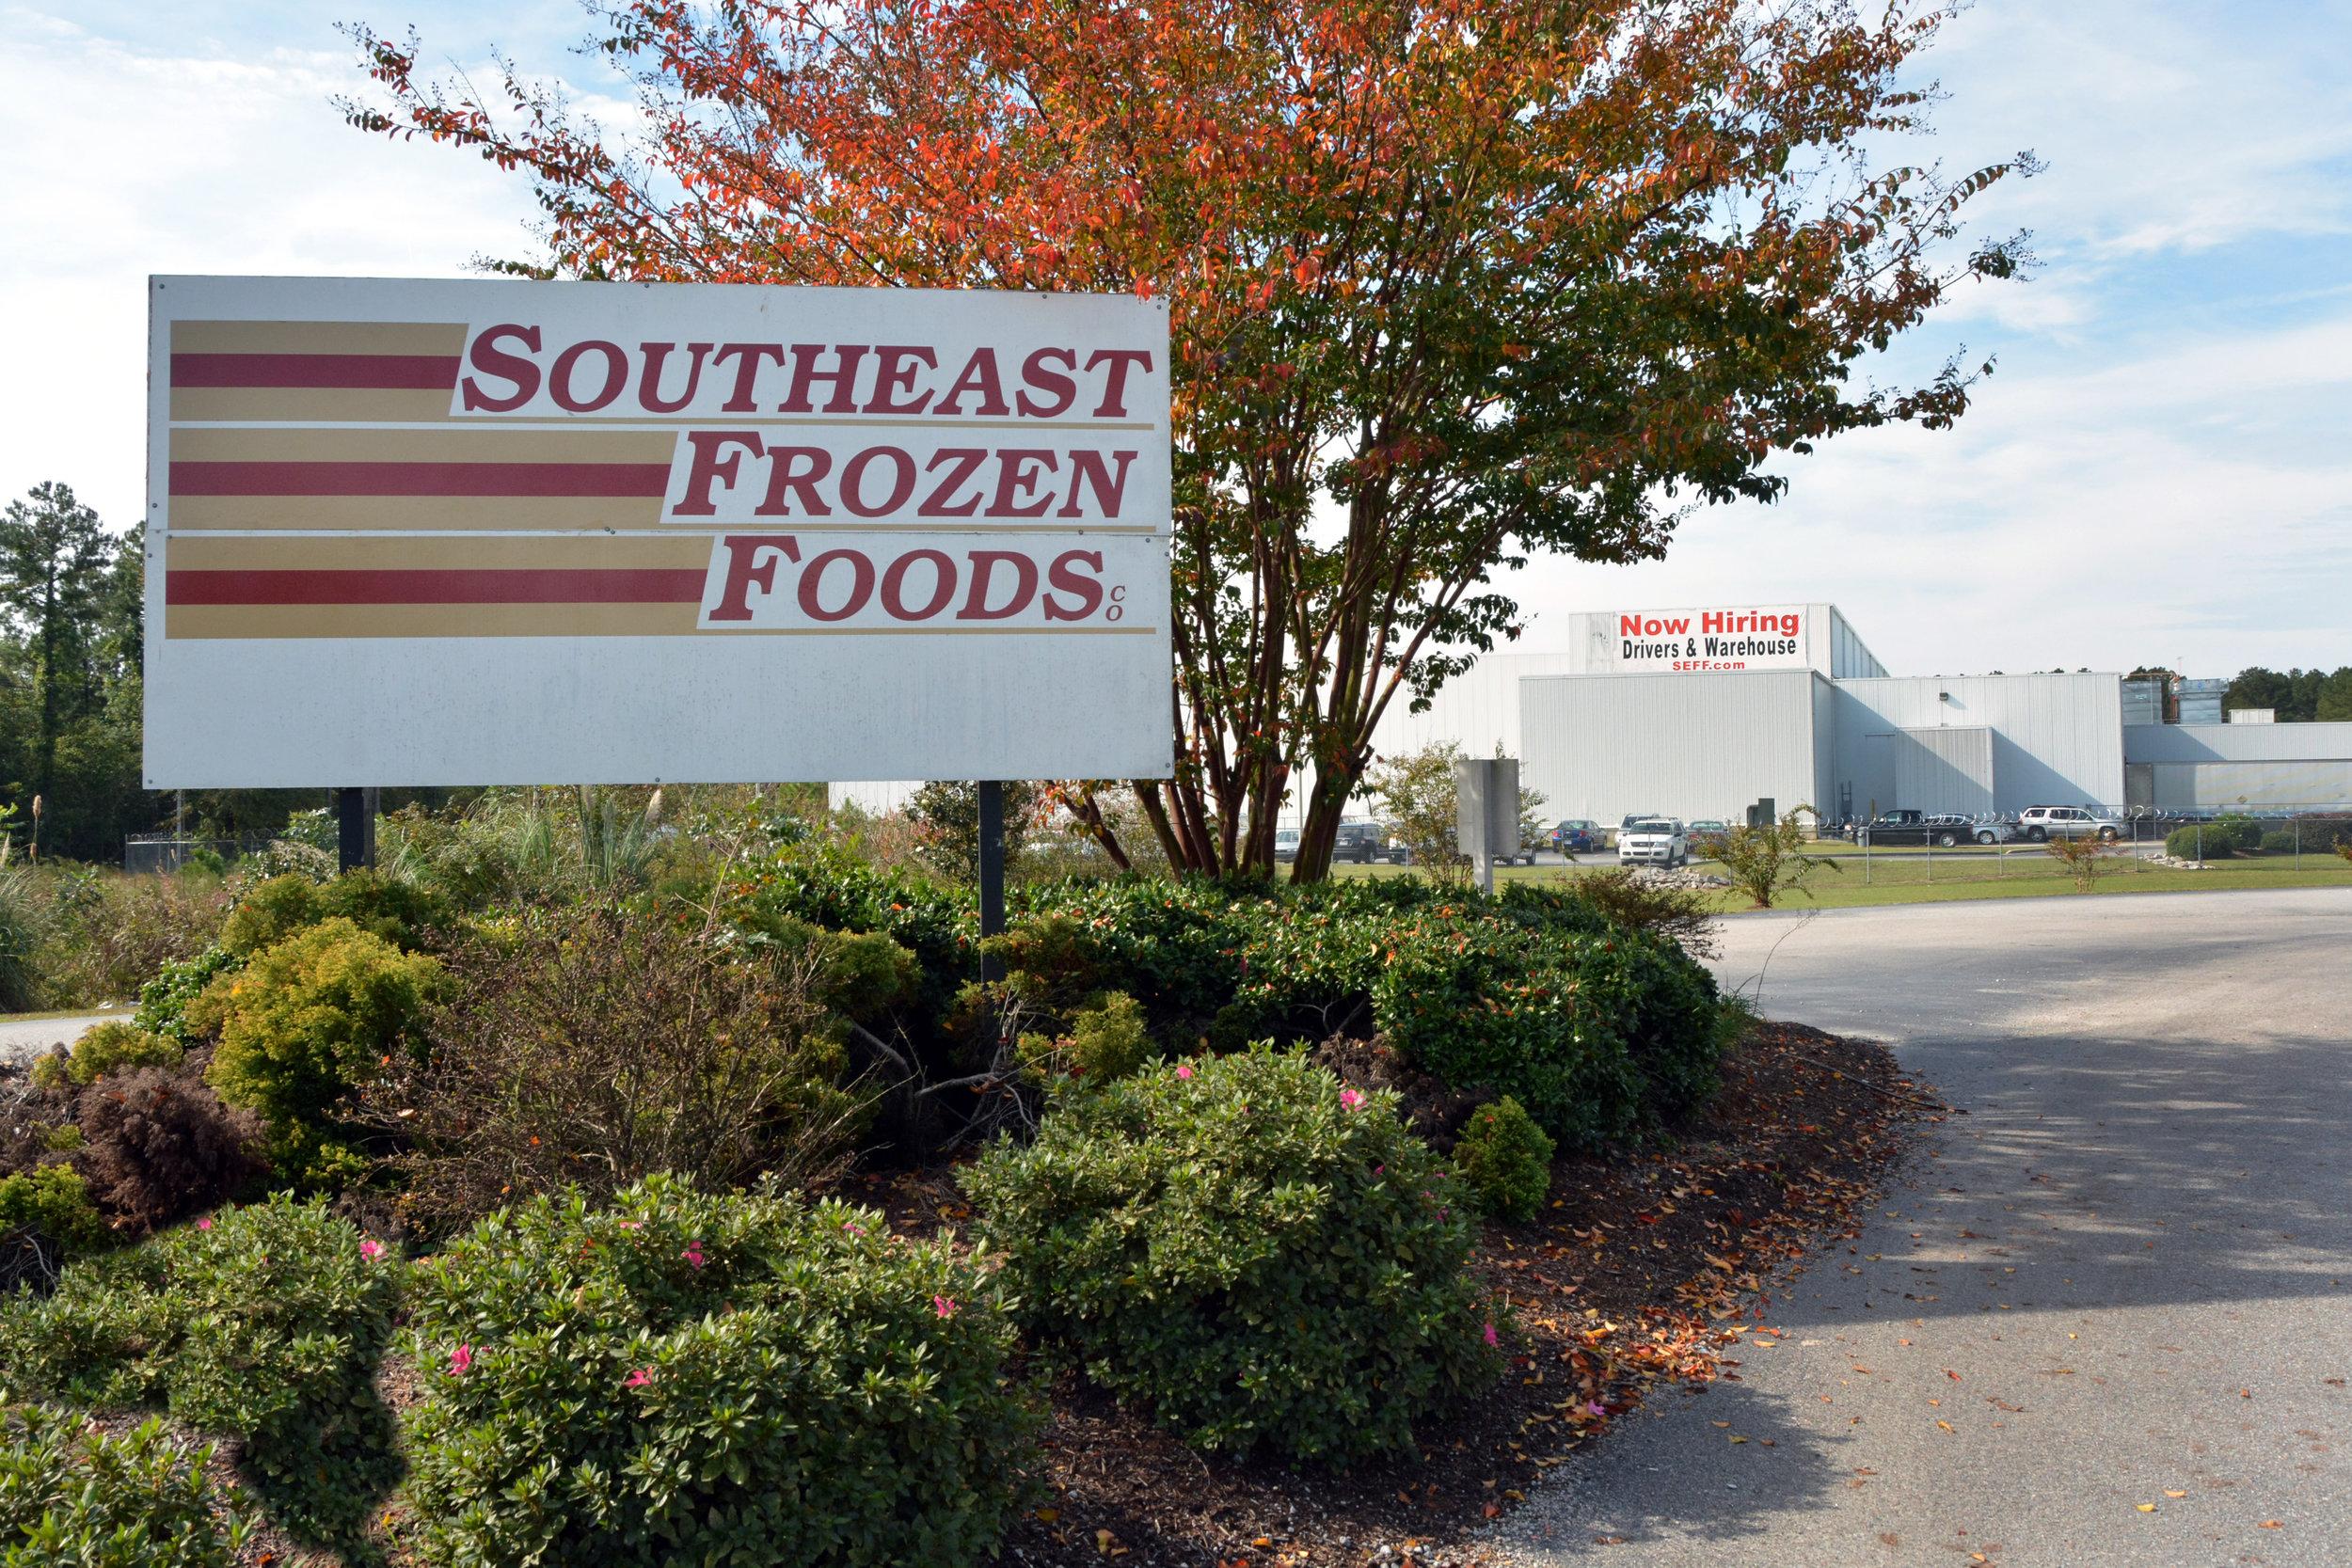 SE Frozen Foods 6803.jpg